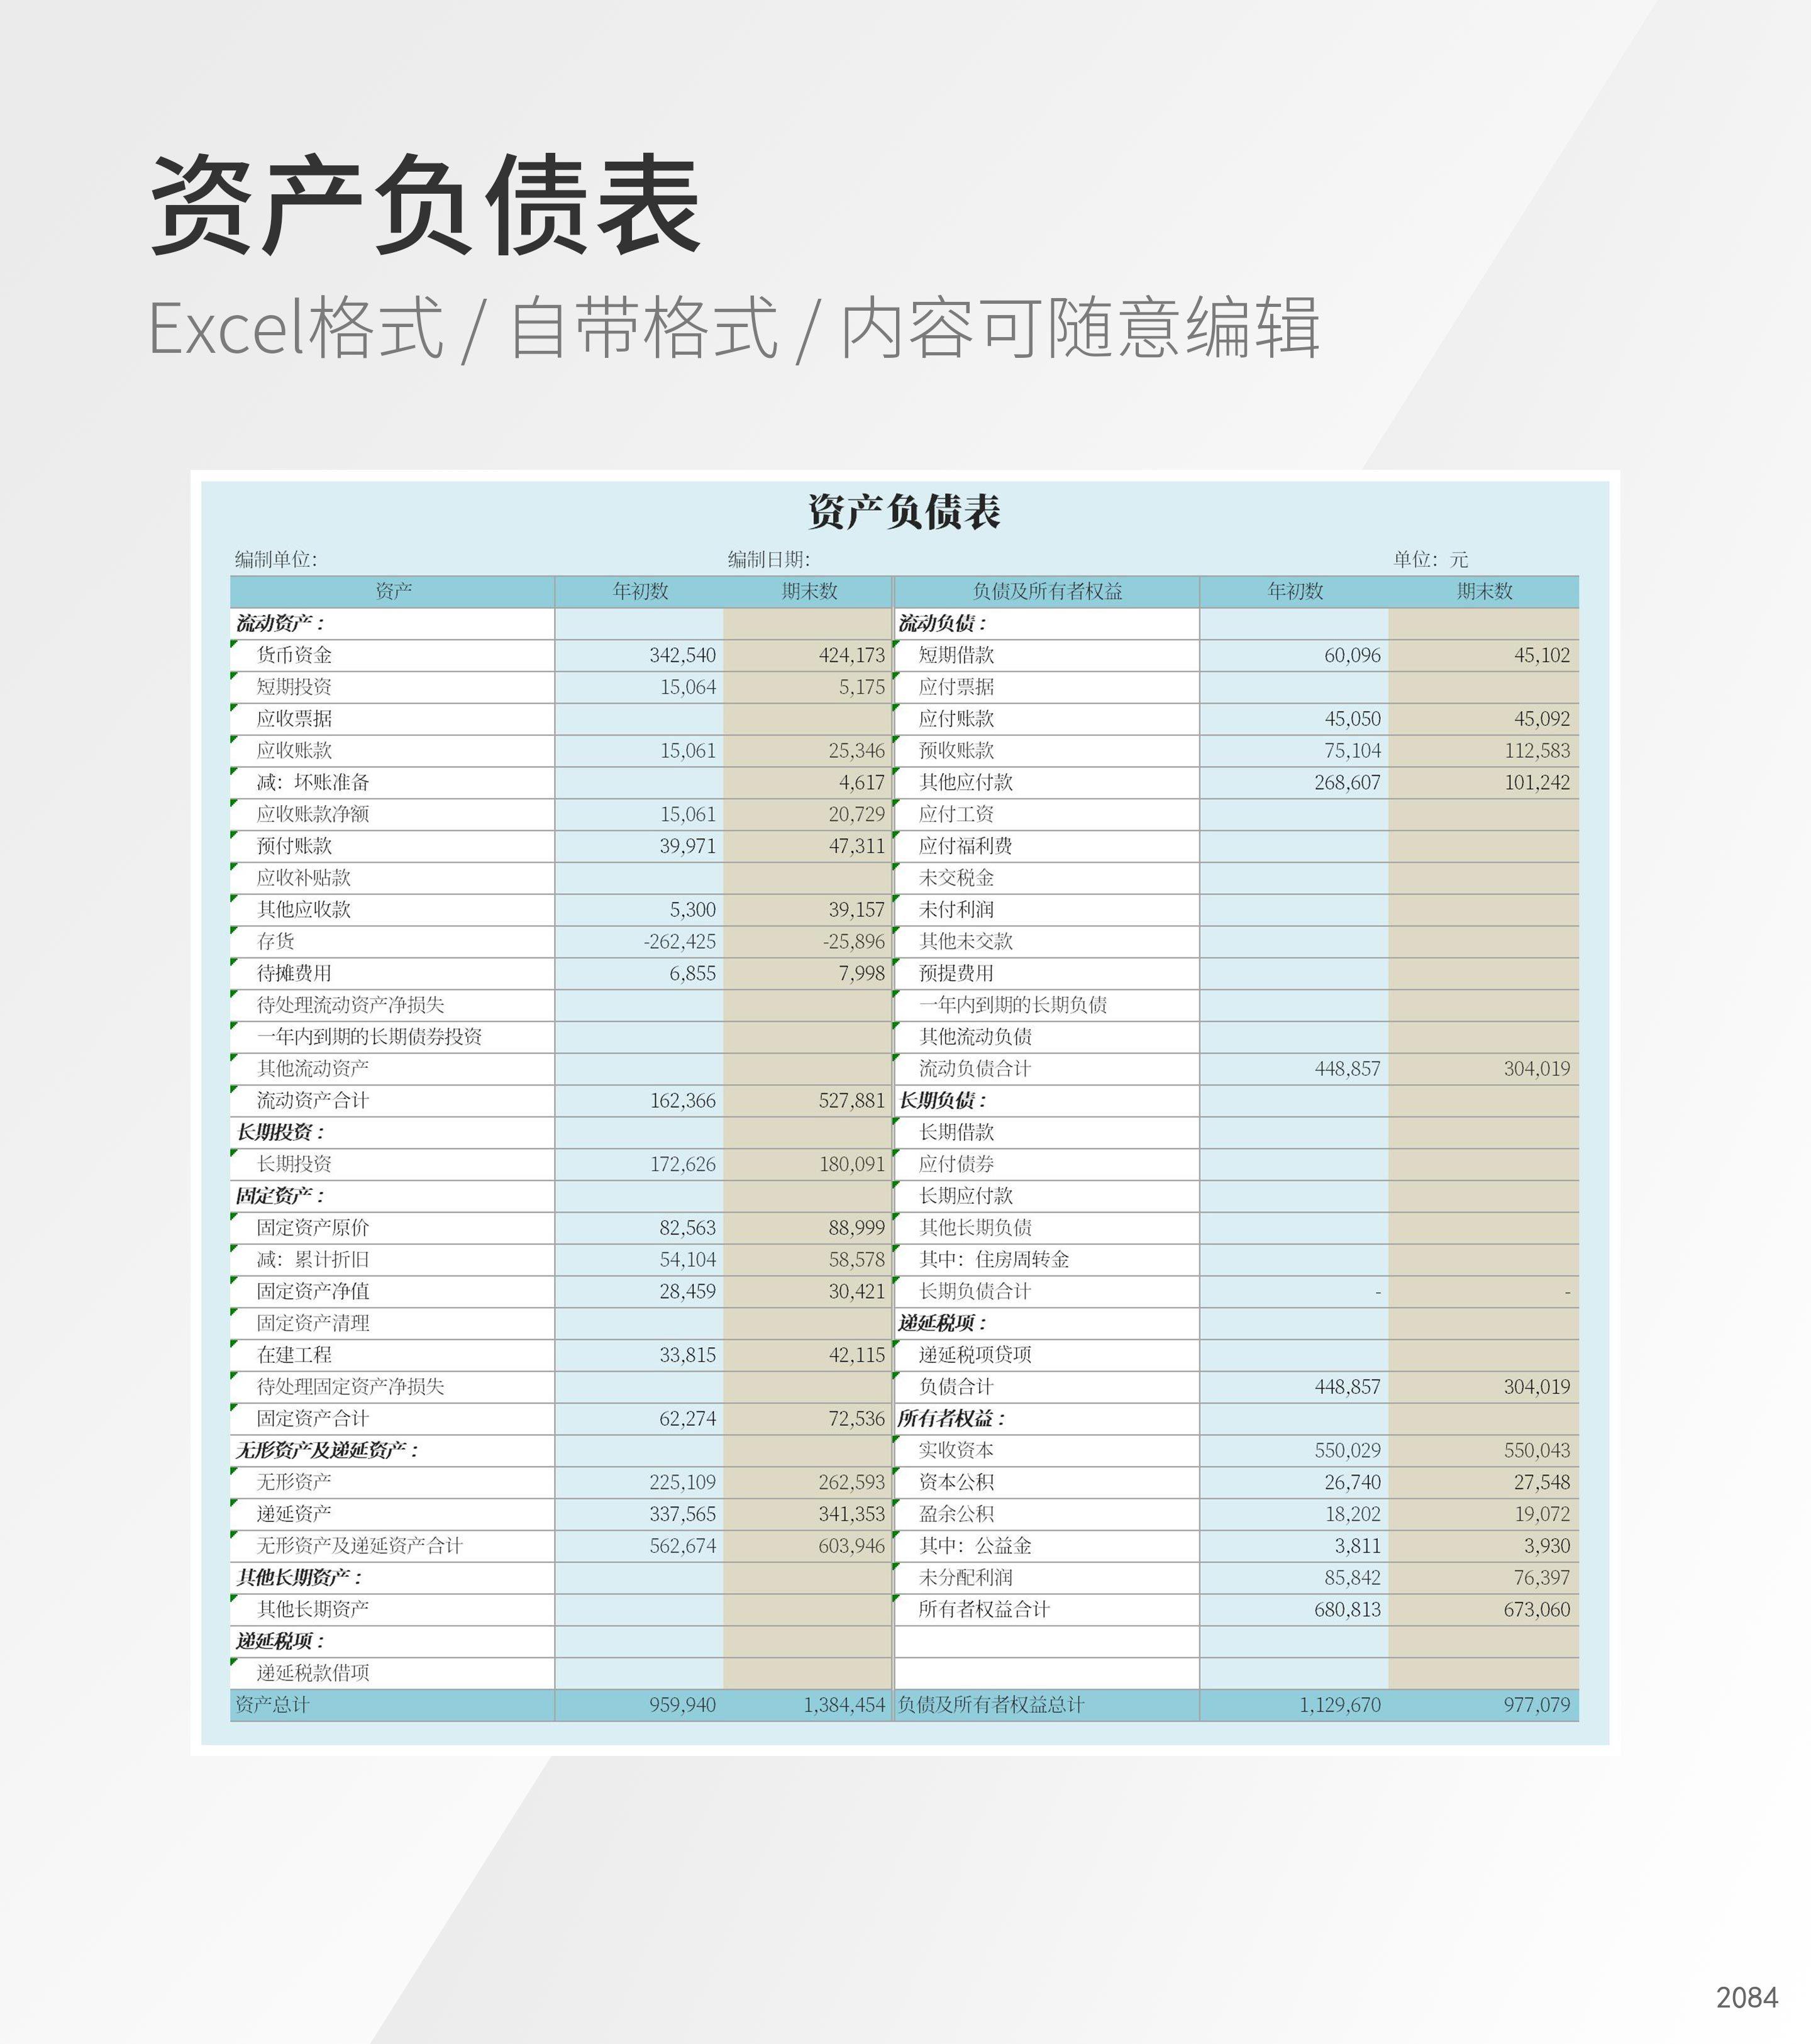 蓝色资产负债表Excel模板